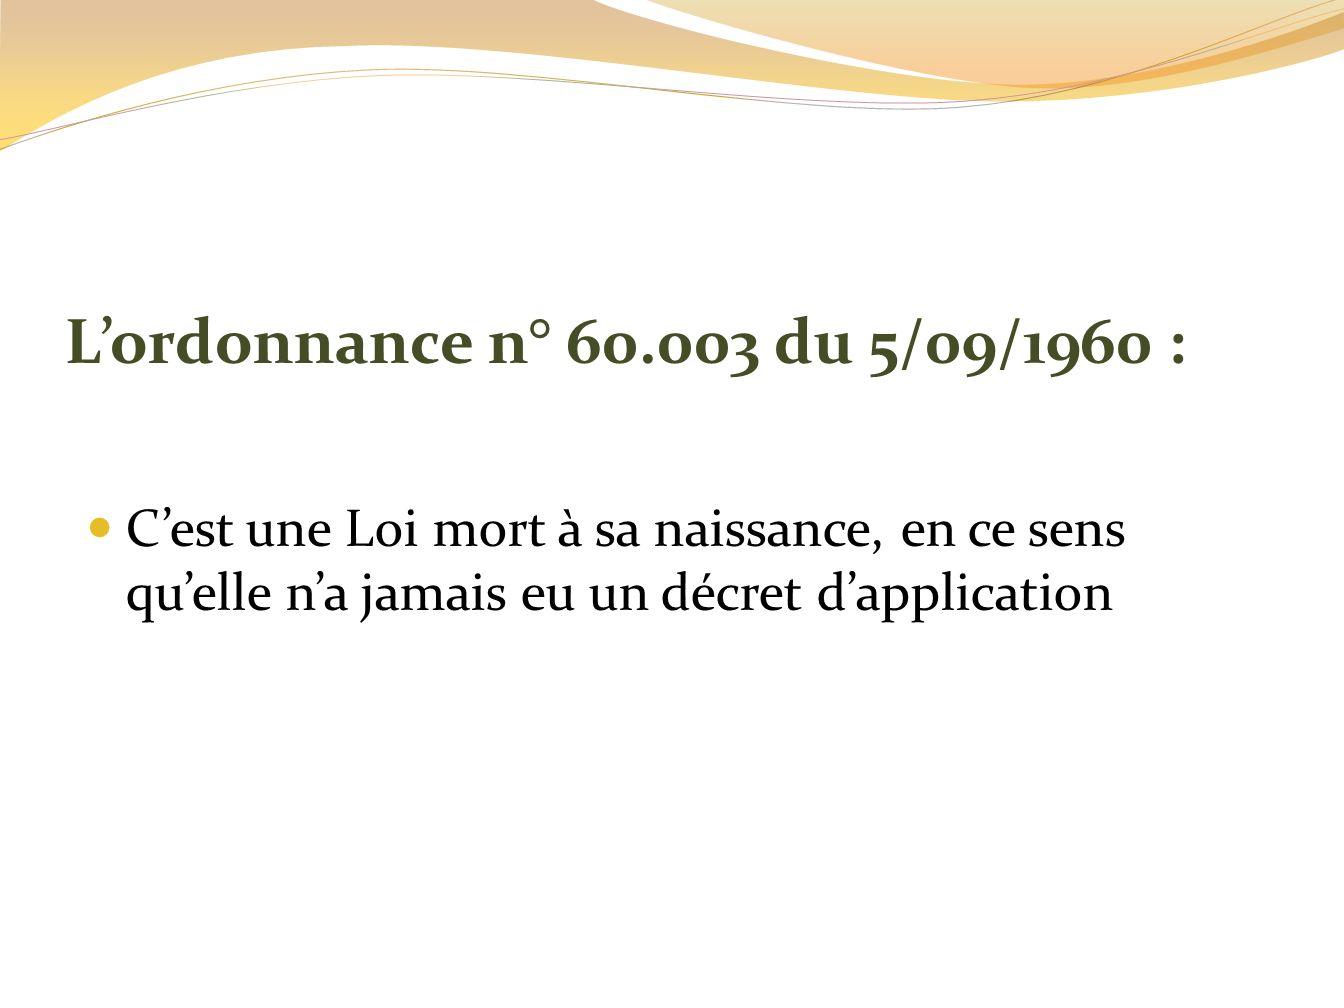 Lordonnance n° 60.003 du 5/09/1960 : Cest une Loi mort à sa naissance, en ce sens quelle na jamais eu un décret dapplication